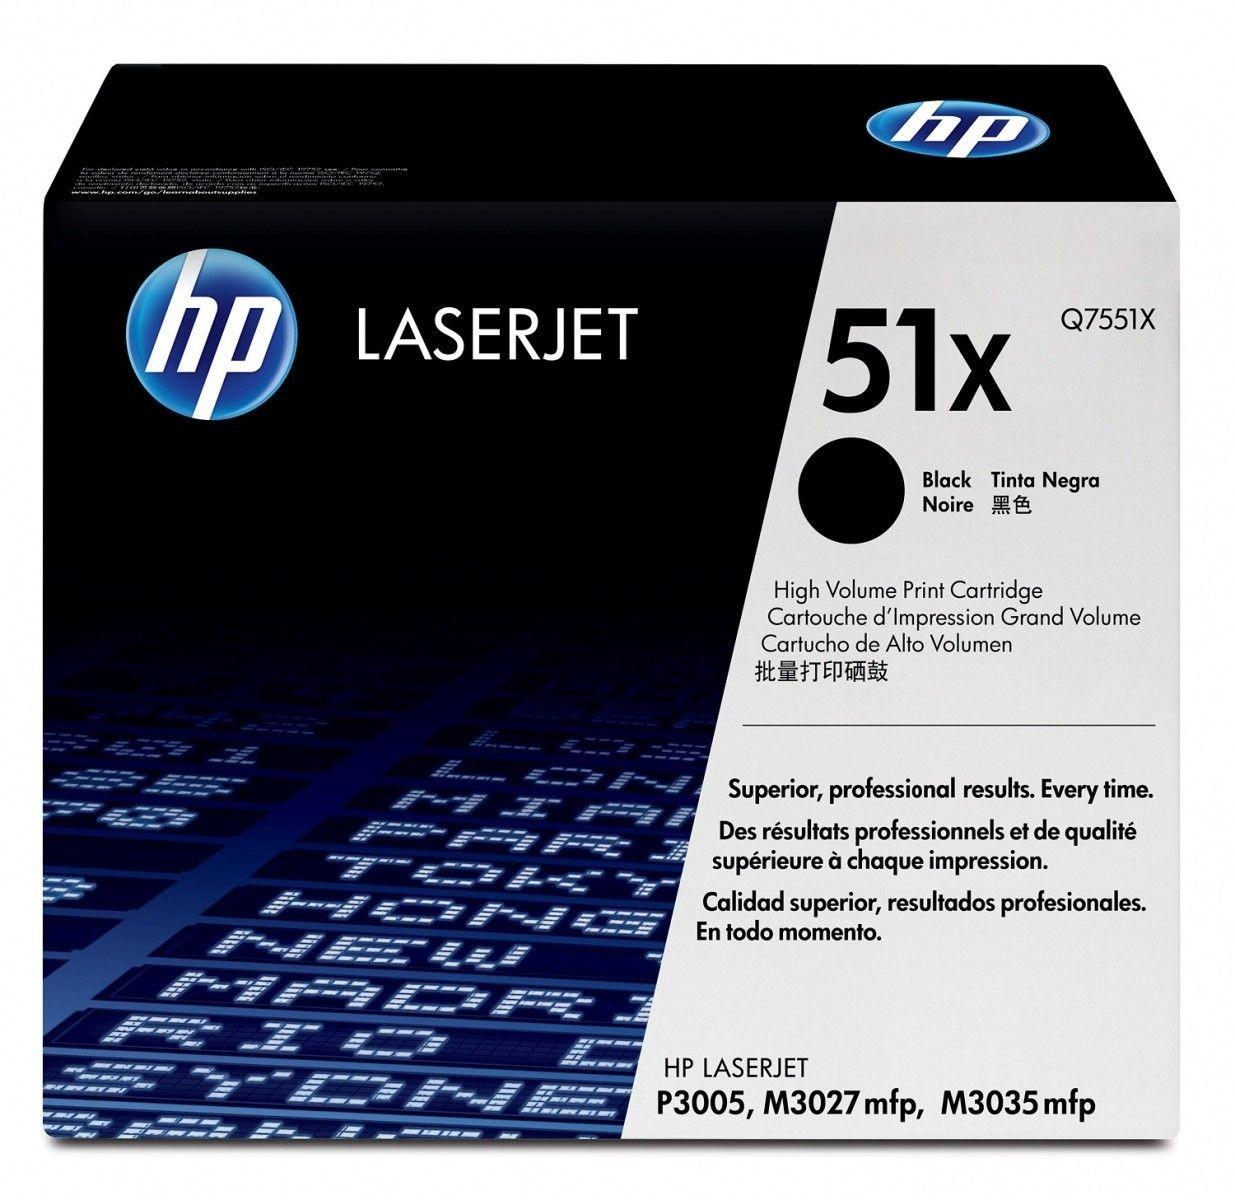 HP Toner do LJ P3005/M3035mfp/M3027mfp, Q7551X